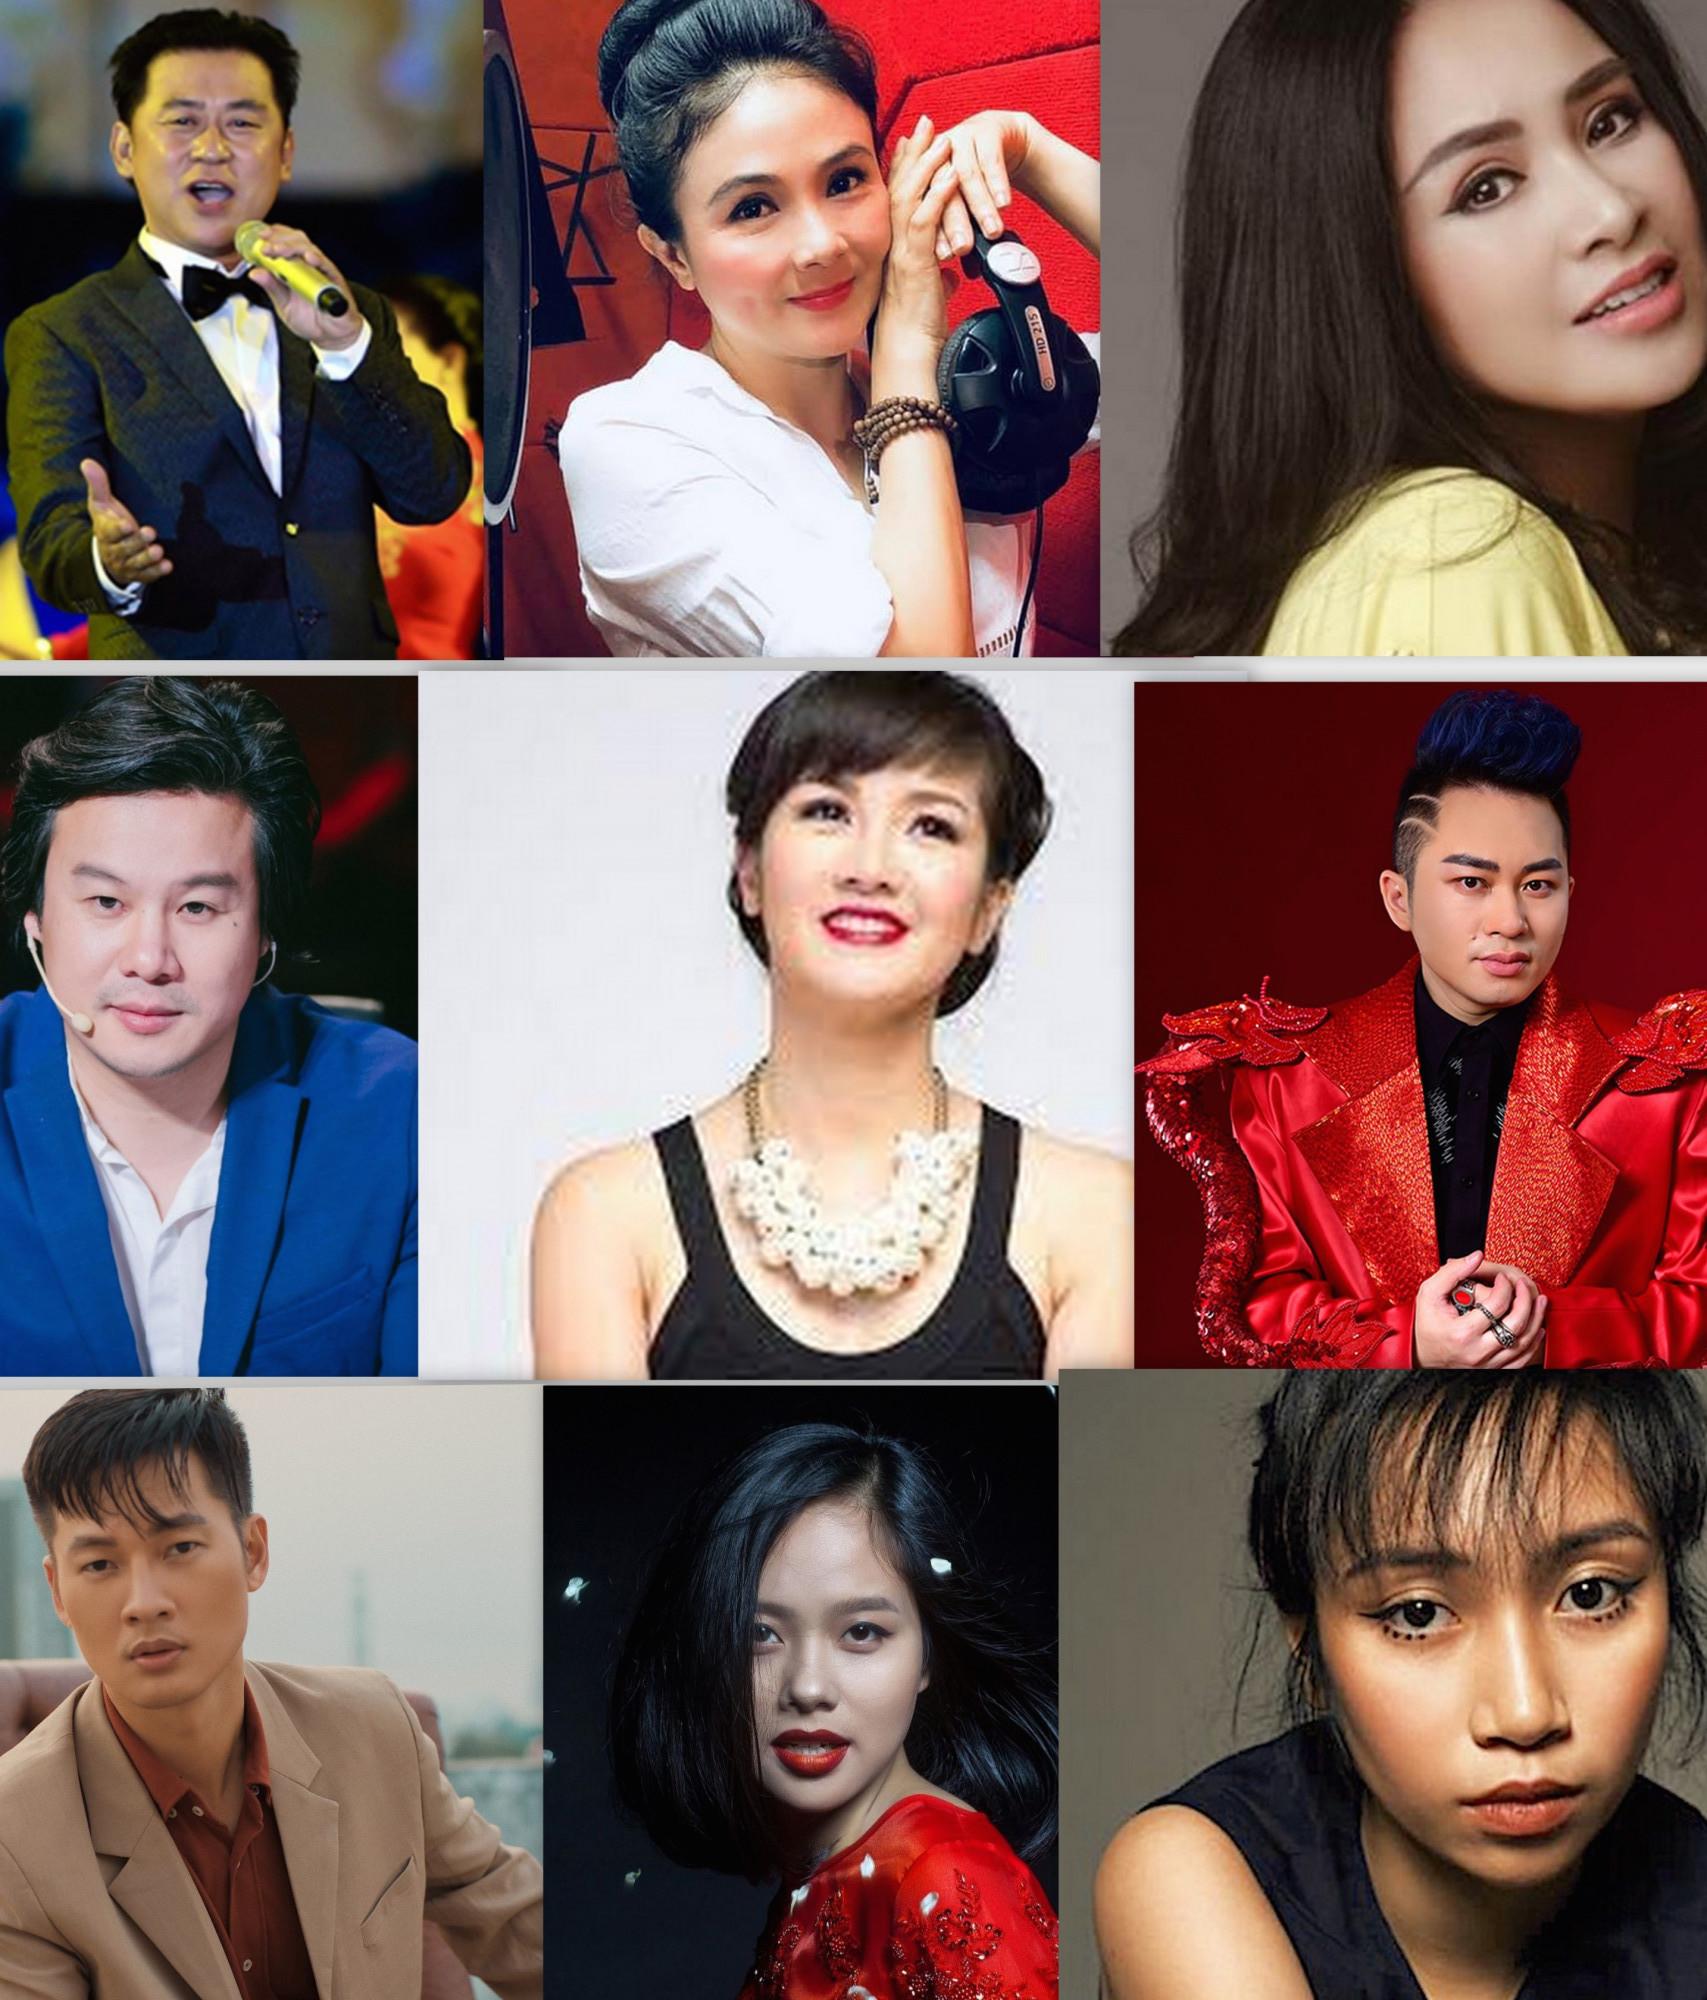 Nhiều nghệ sĩ quen thuộc sẽ góp mặt trong đêm nhạc 'Nối vòng tay lớn